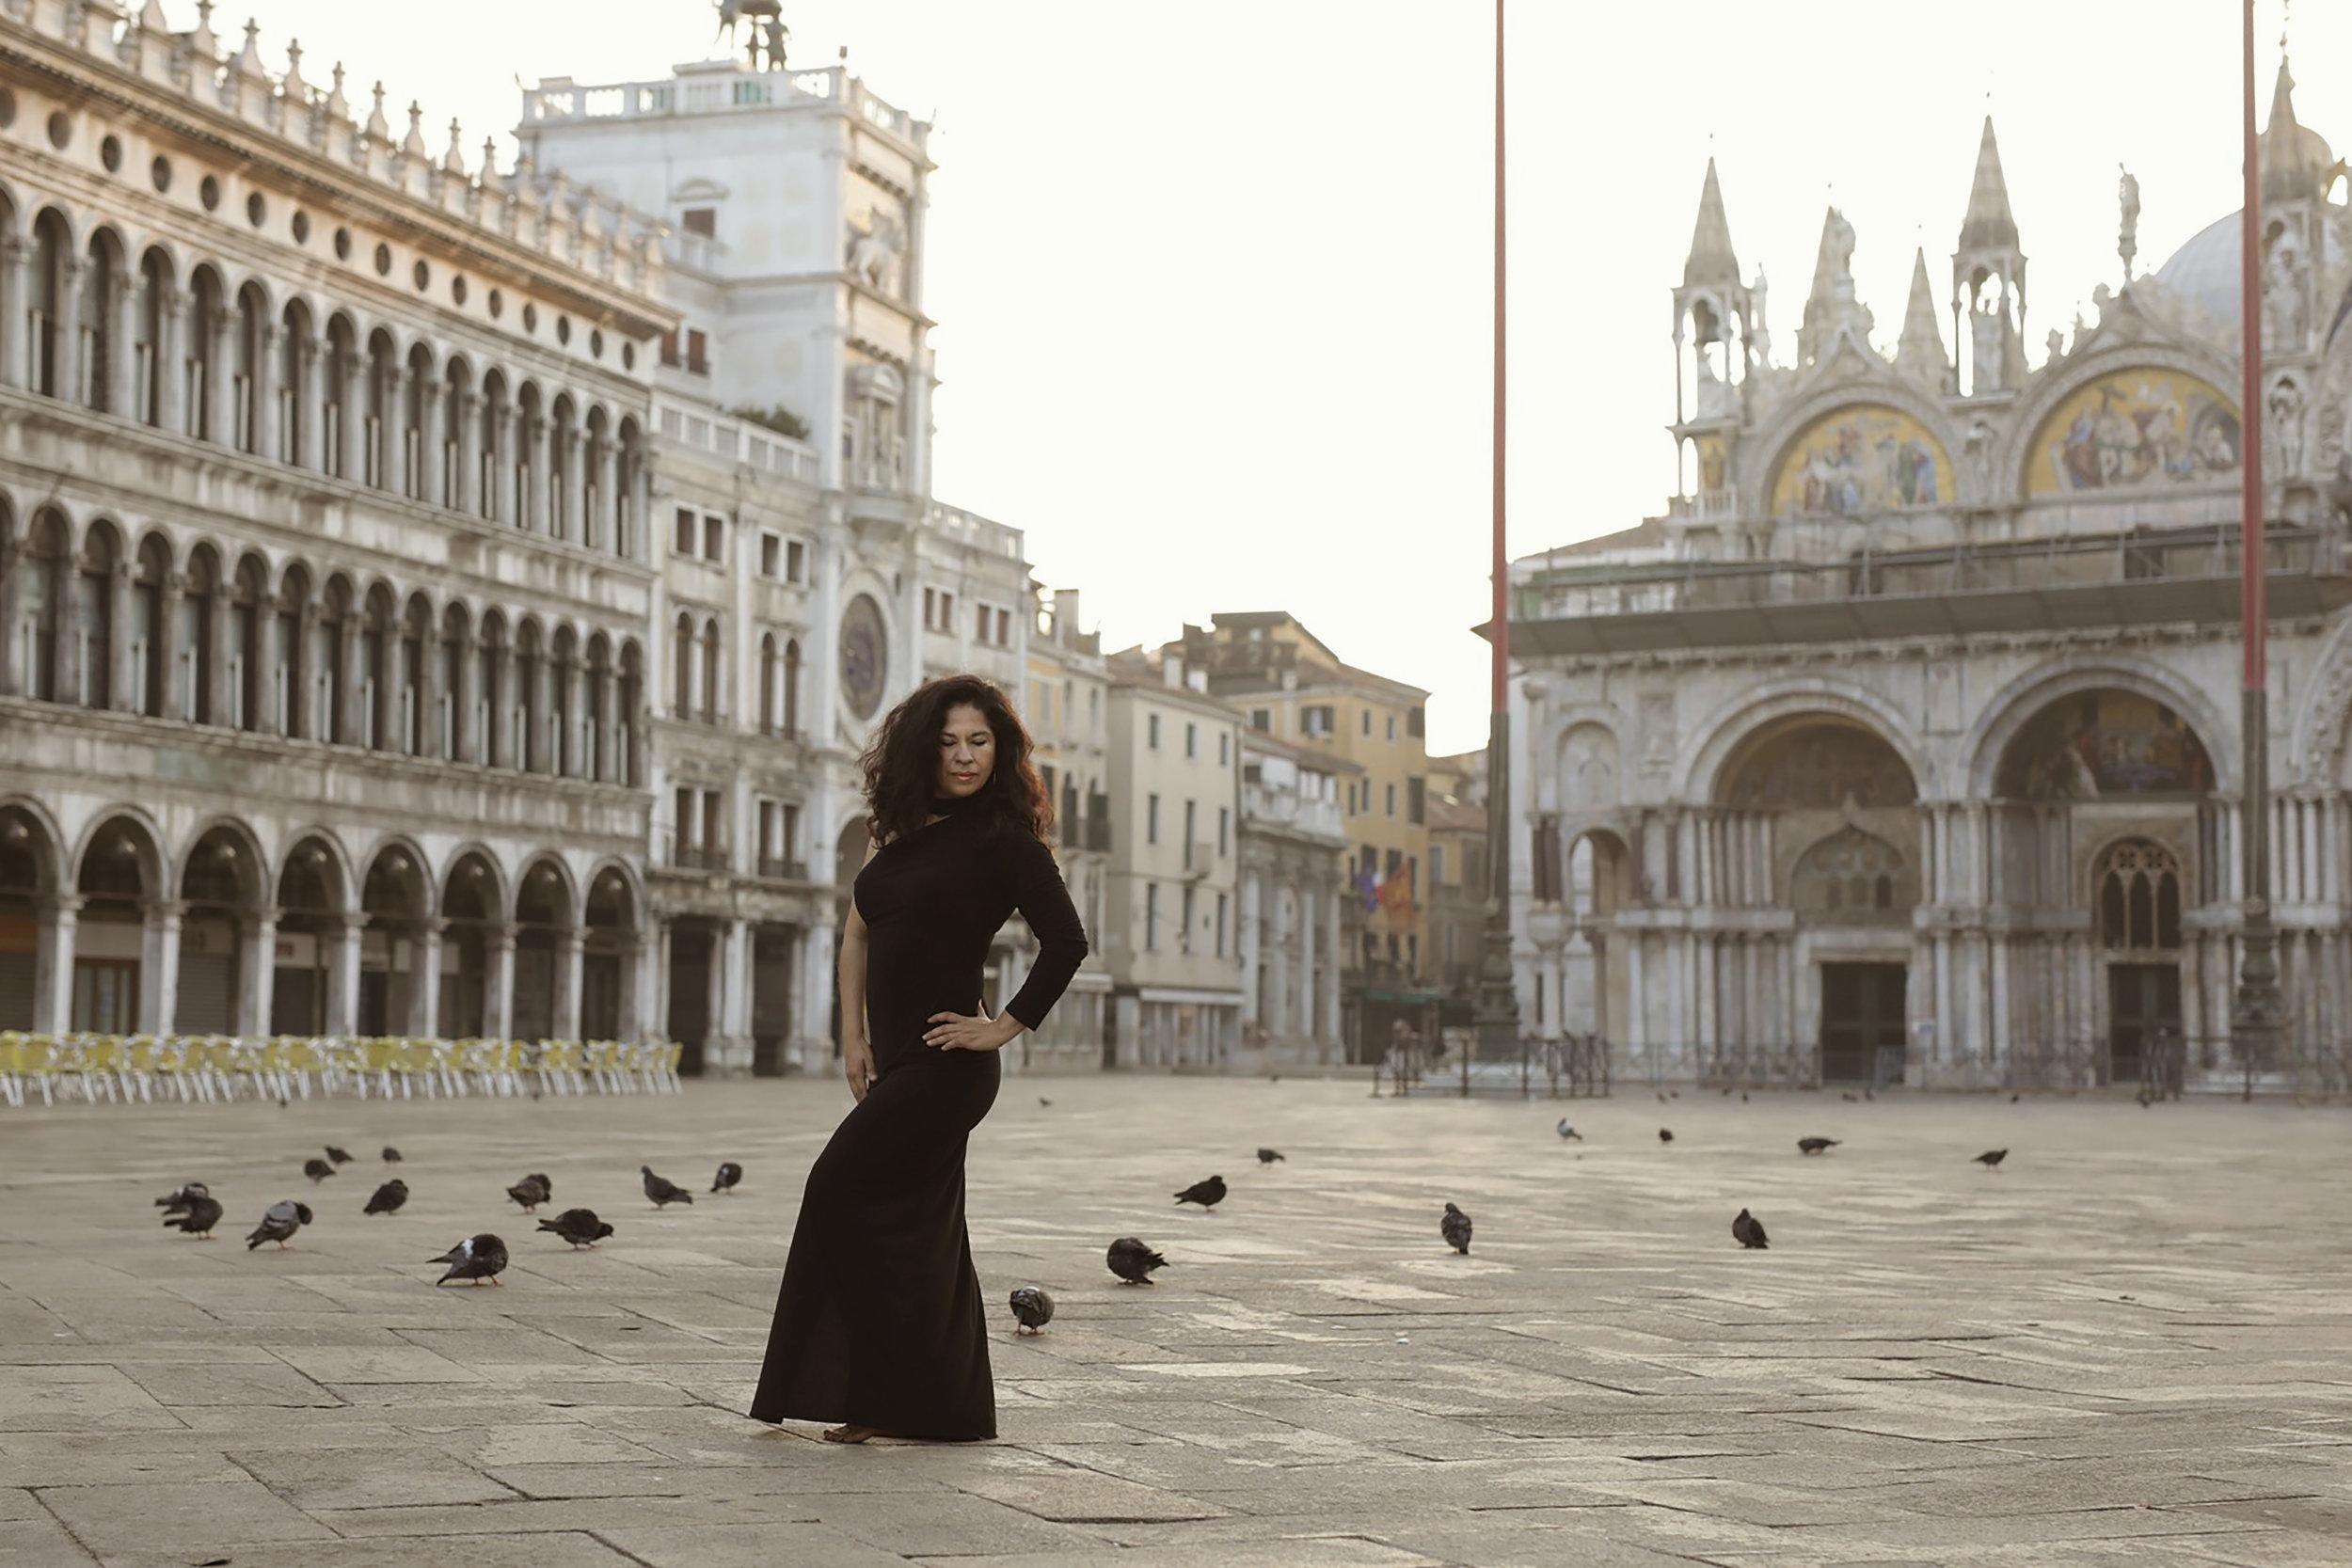 Rosaura, San Marco Square, Venice, italy 2018